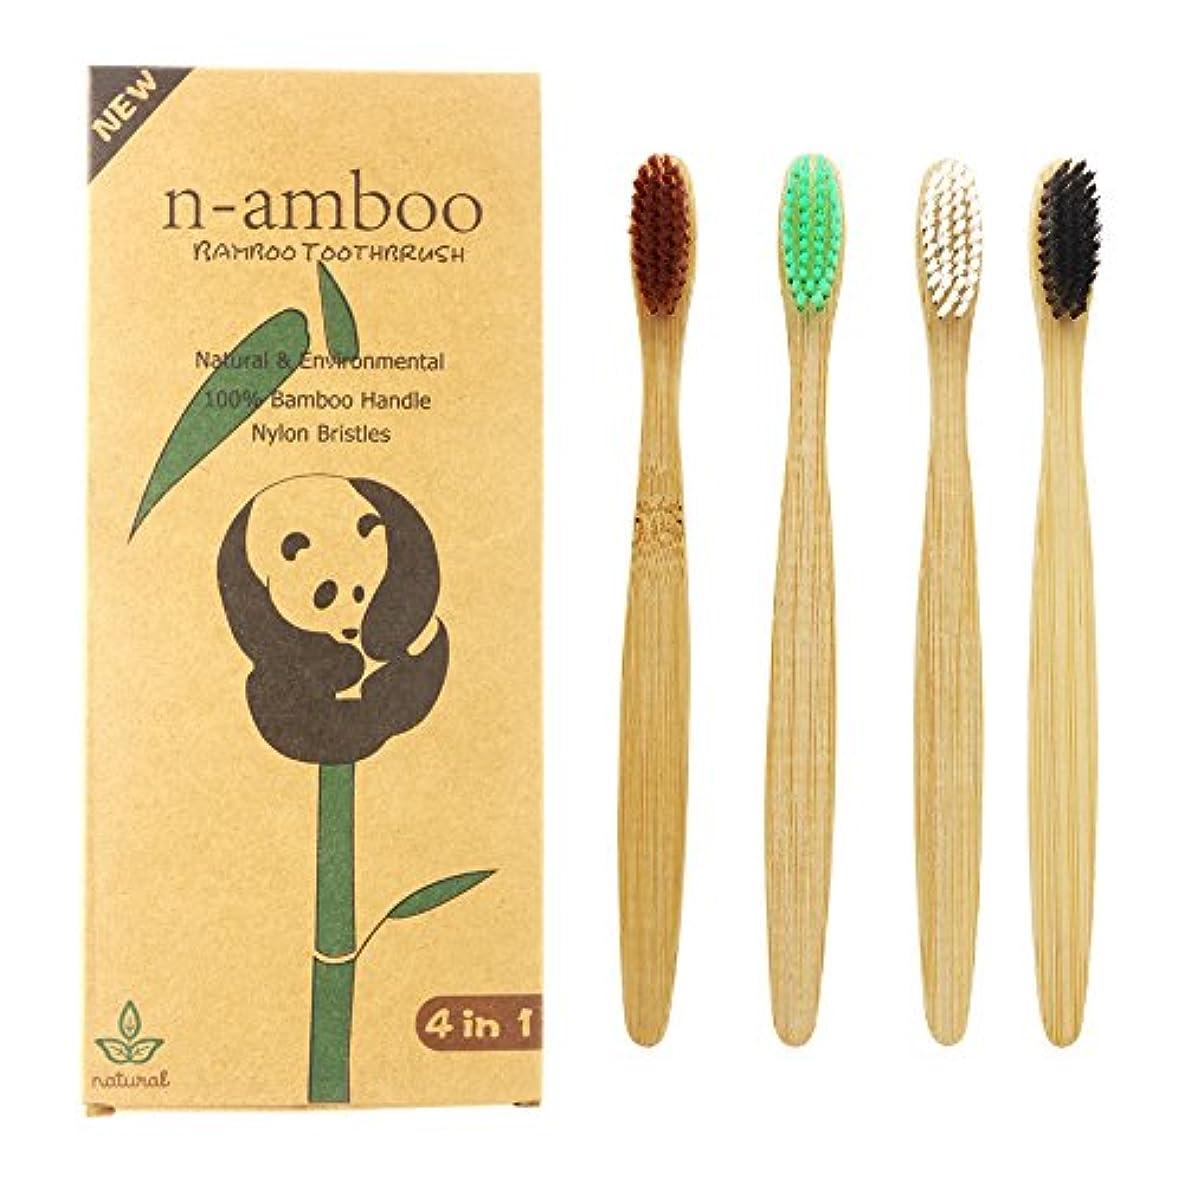 音楽家利用可能気候N-amboo 竹製 歯ブラシ 高耐久性 4種類 4色セット エコ 軽量 4本入りセット